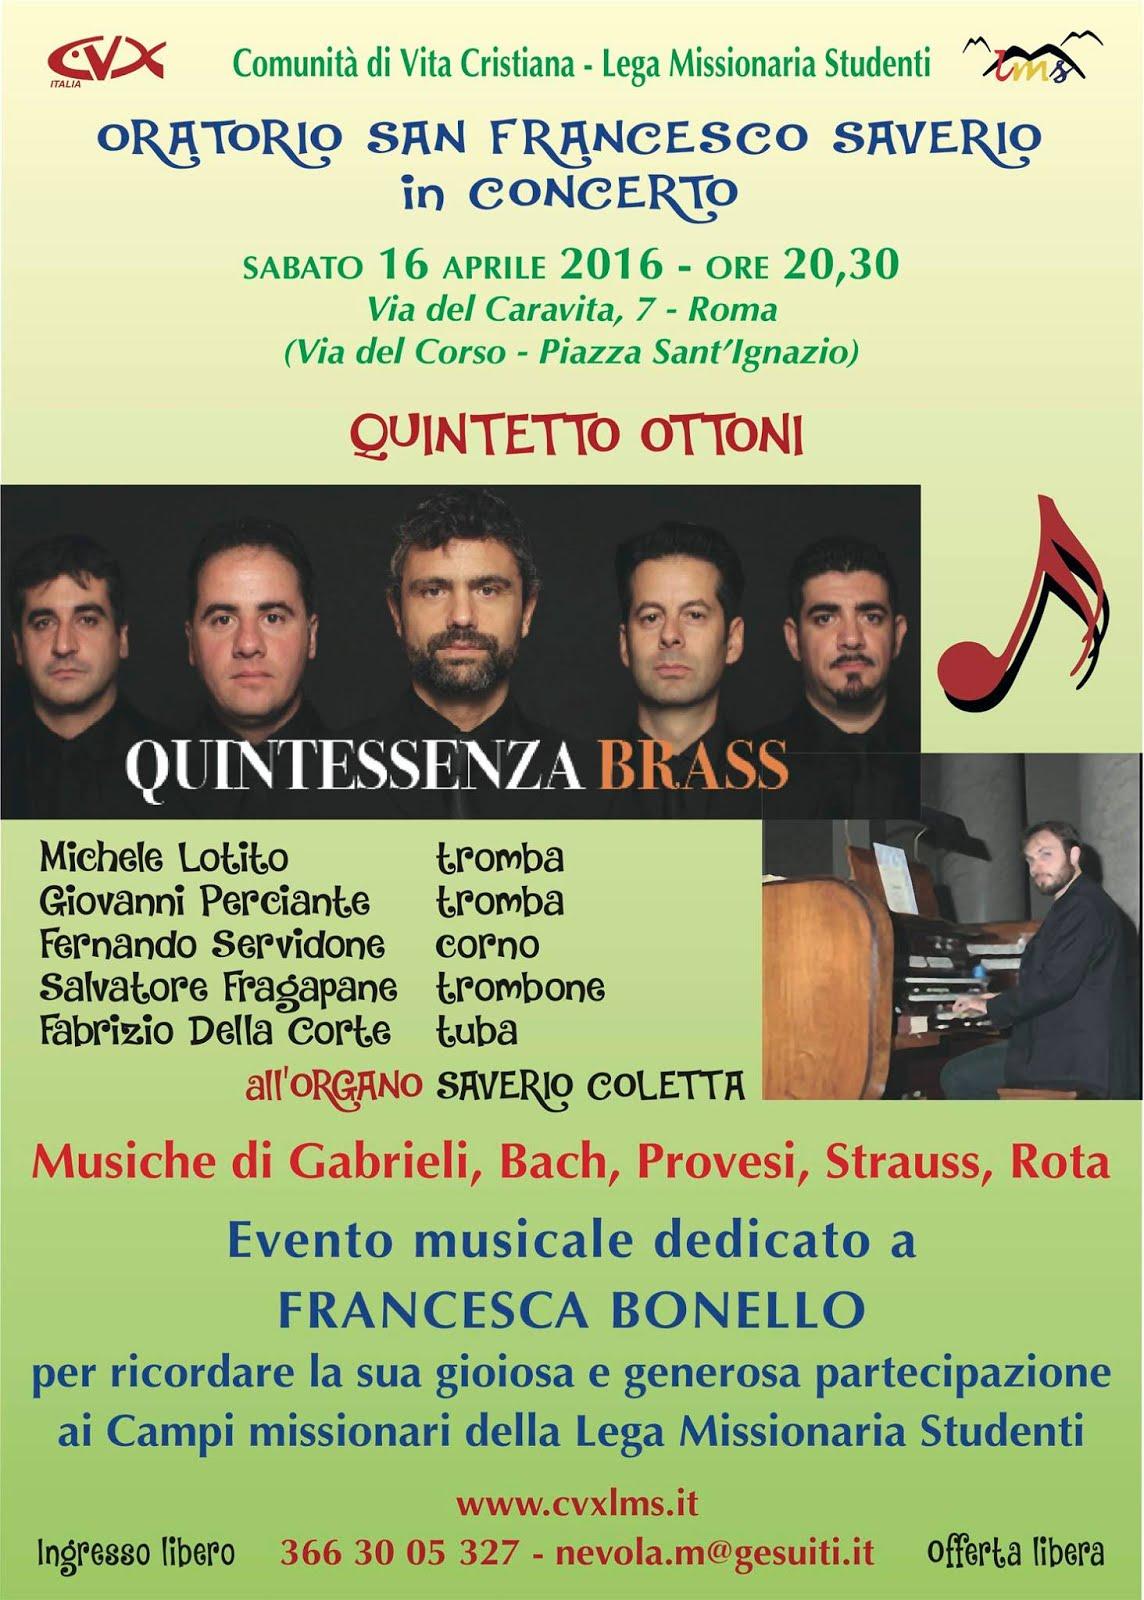 16 aprile - Concerto per la Vita - via del Caravita 7 (P.zza S. Ignazio), ore 20,30